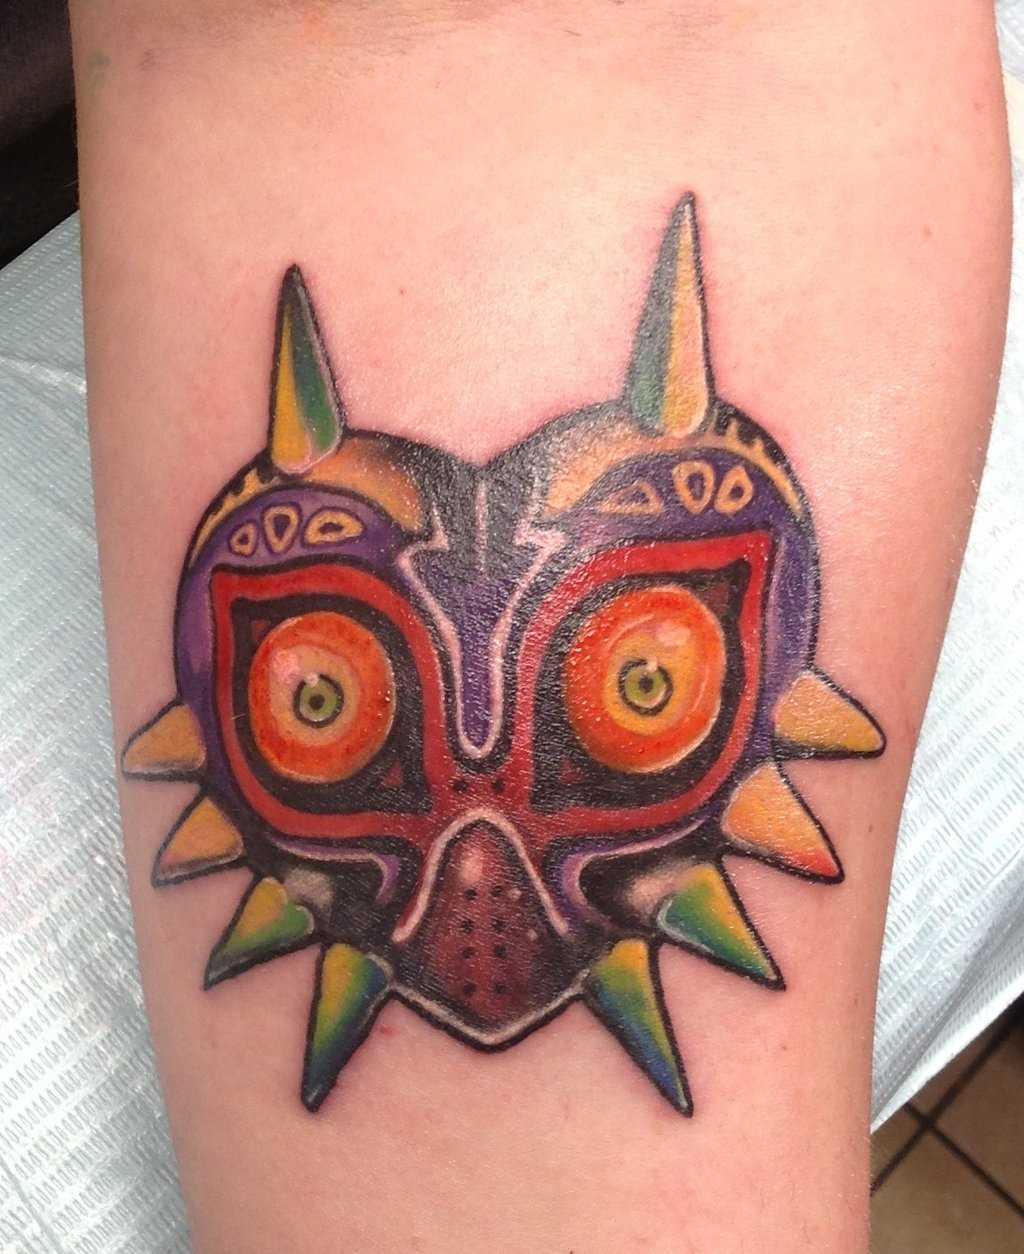 Tatuagem no antebraço meninas - máscara em forma de coração